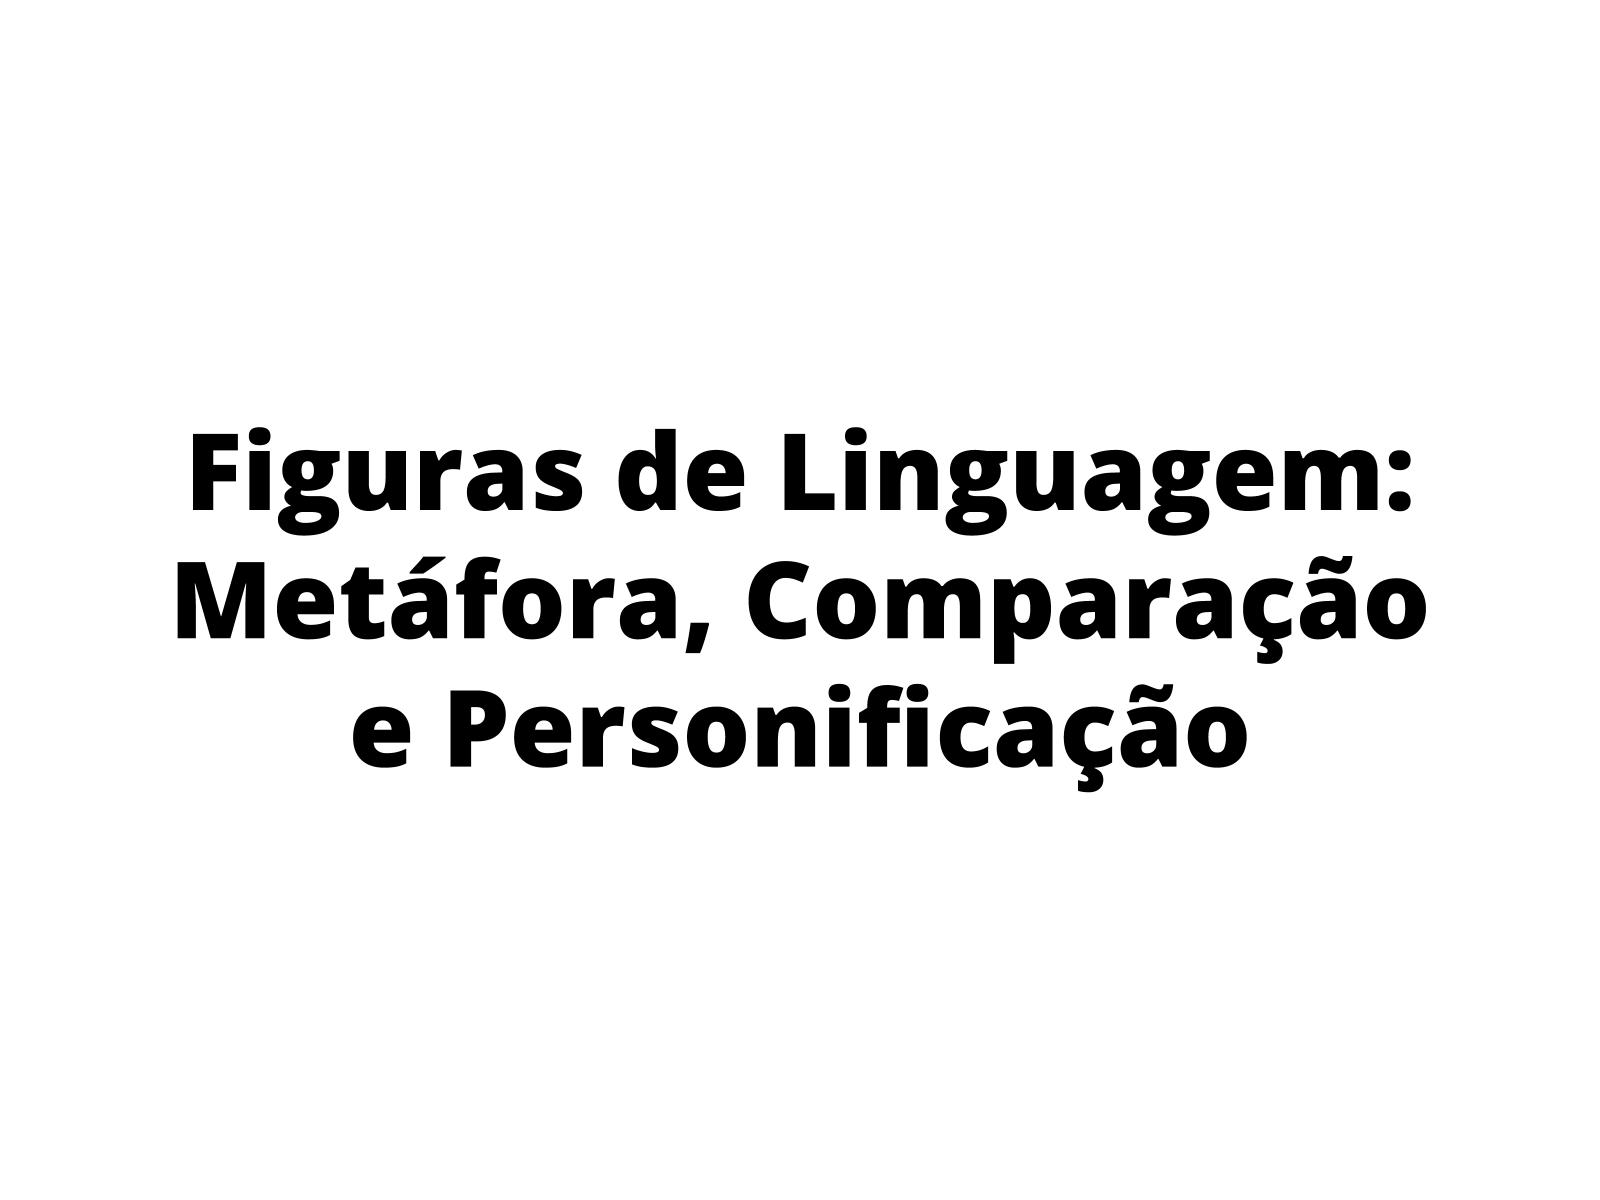 Figuras de linguagem - efeitos de sentido de comparação, metáfora e personificação - atividades de revisão